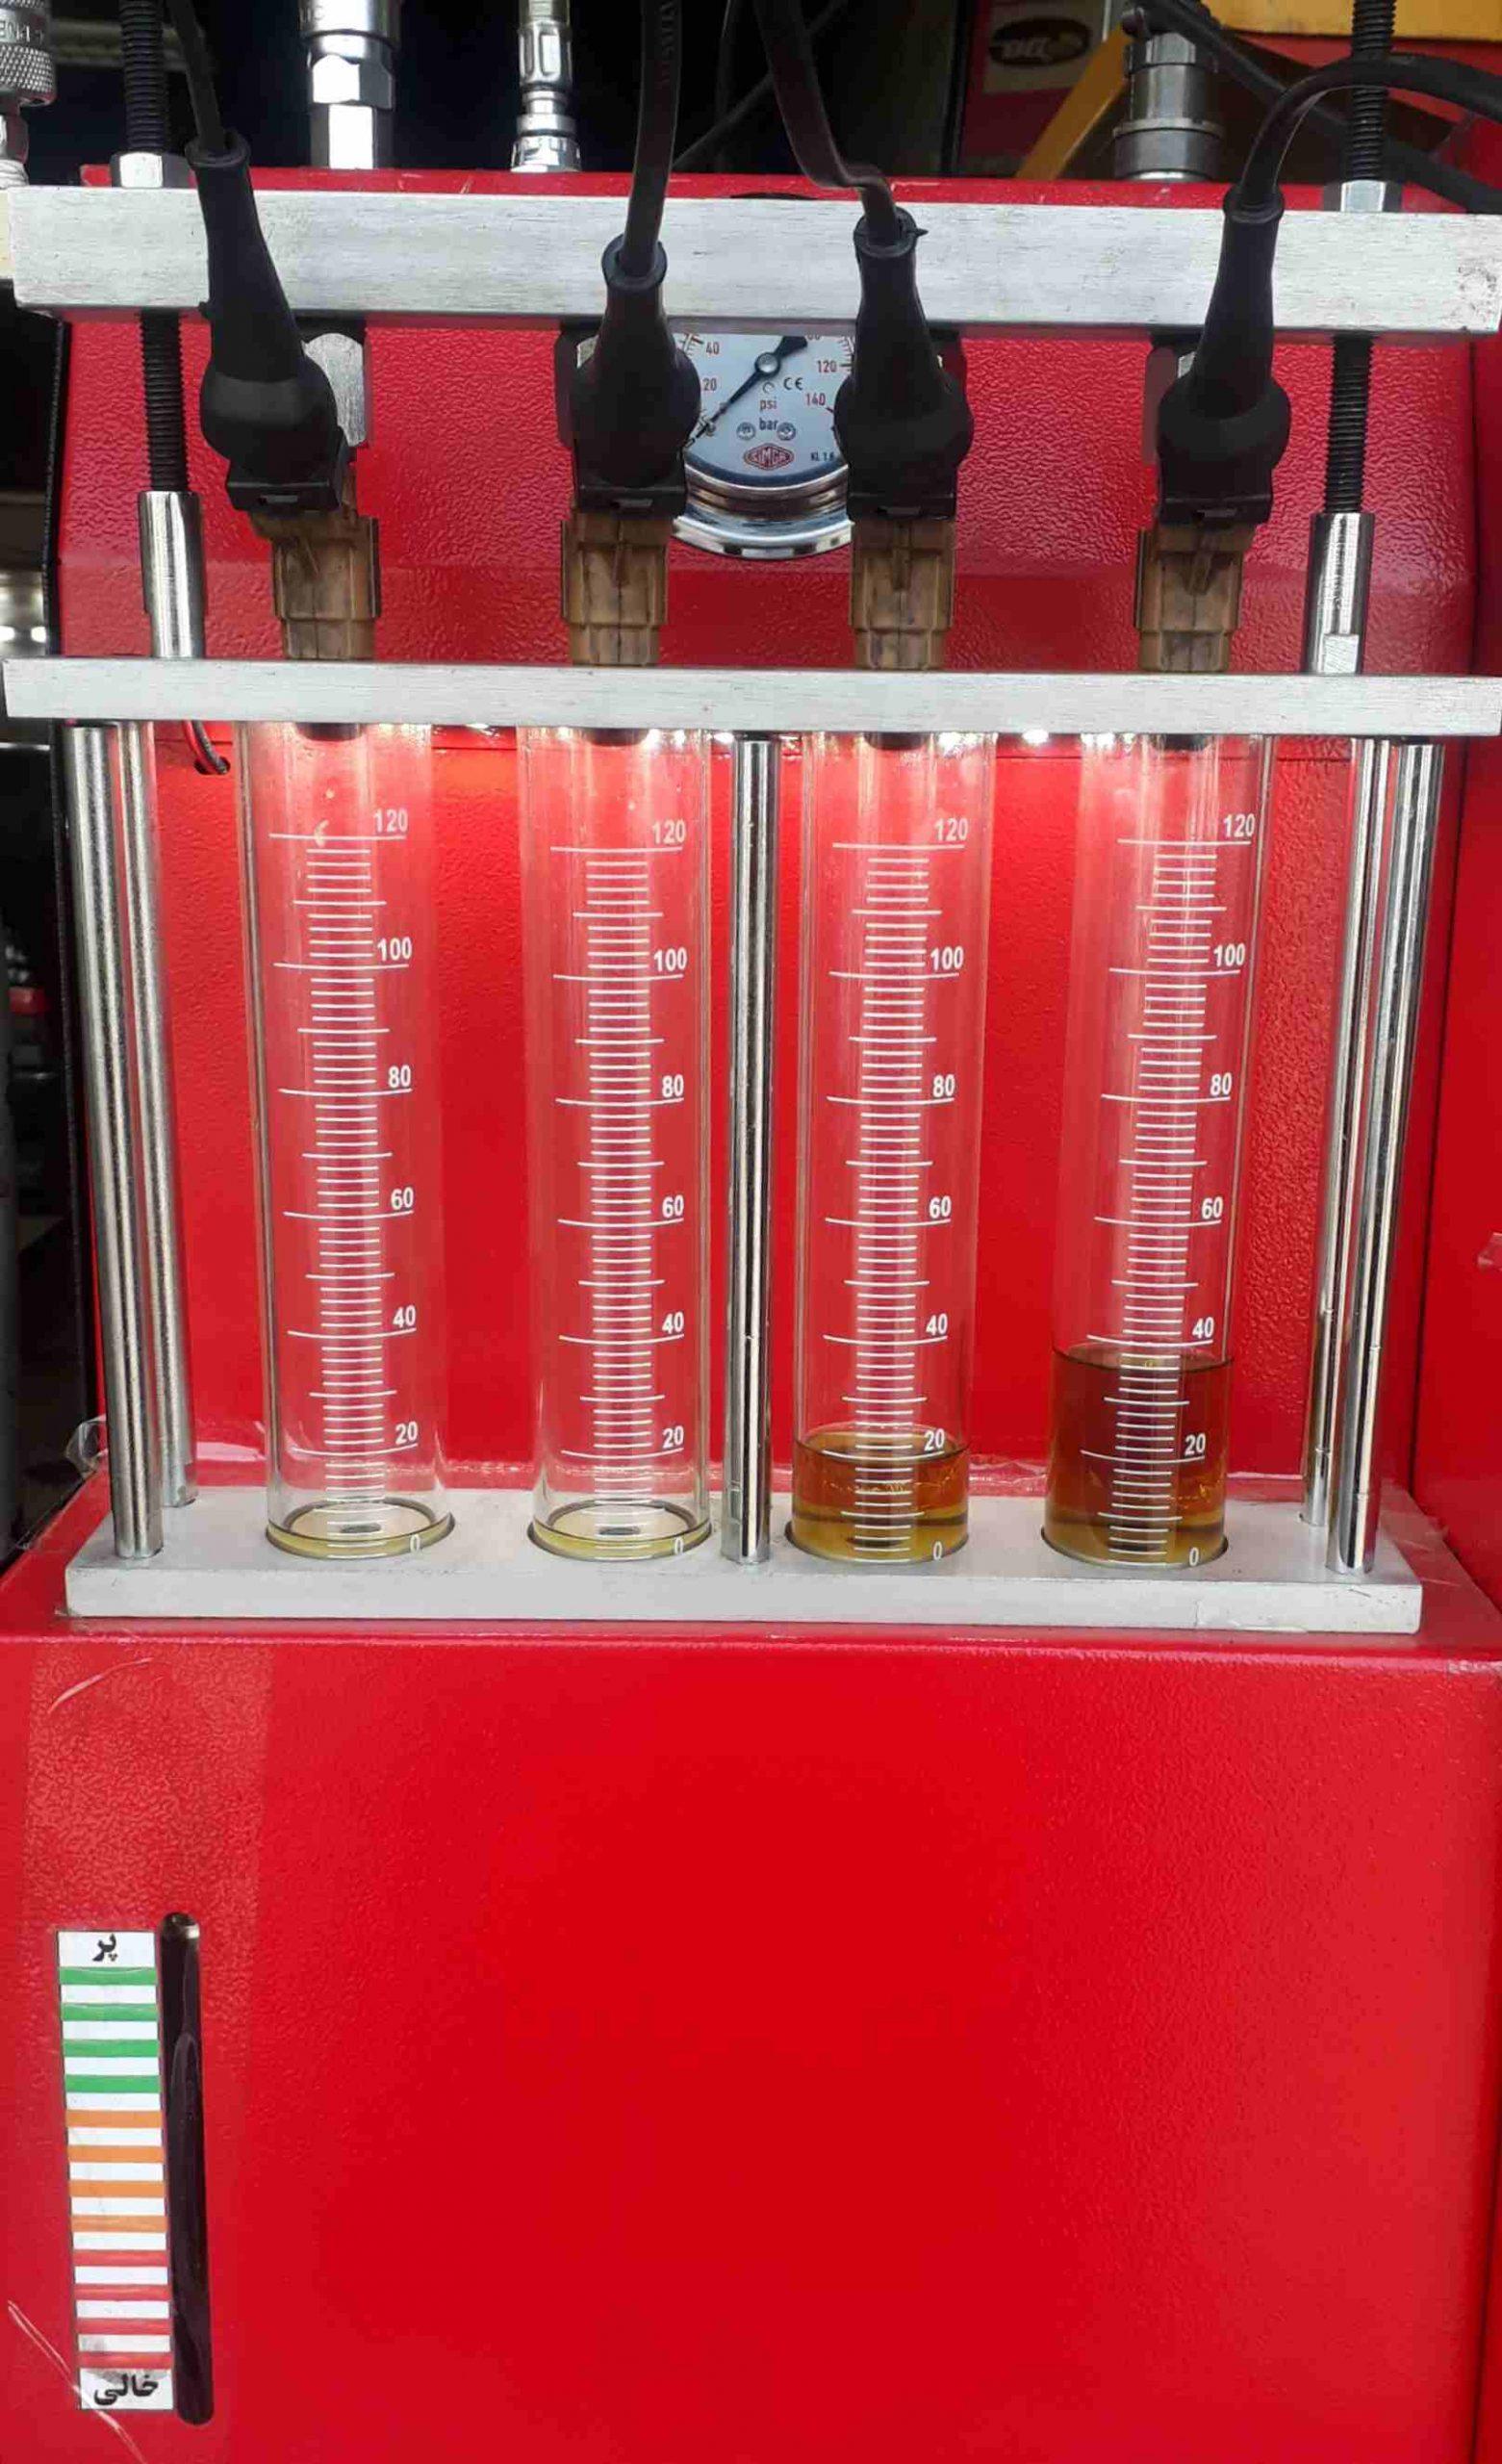 مرکز شستشوی انژکتور با آلتراسونیک و دستگاه سیلندری